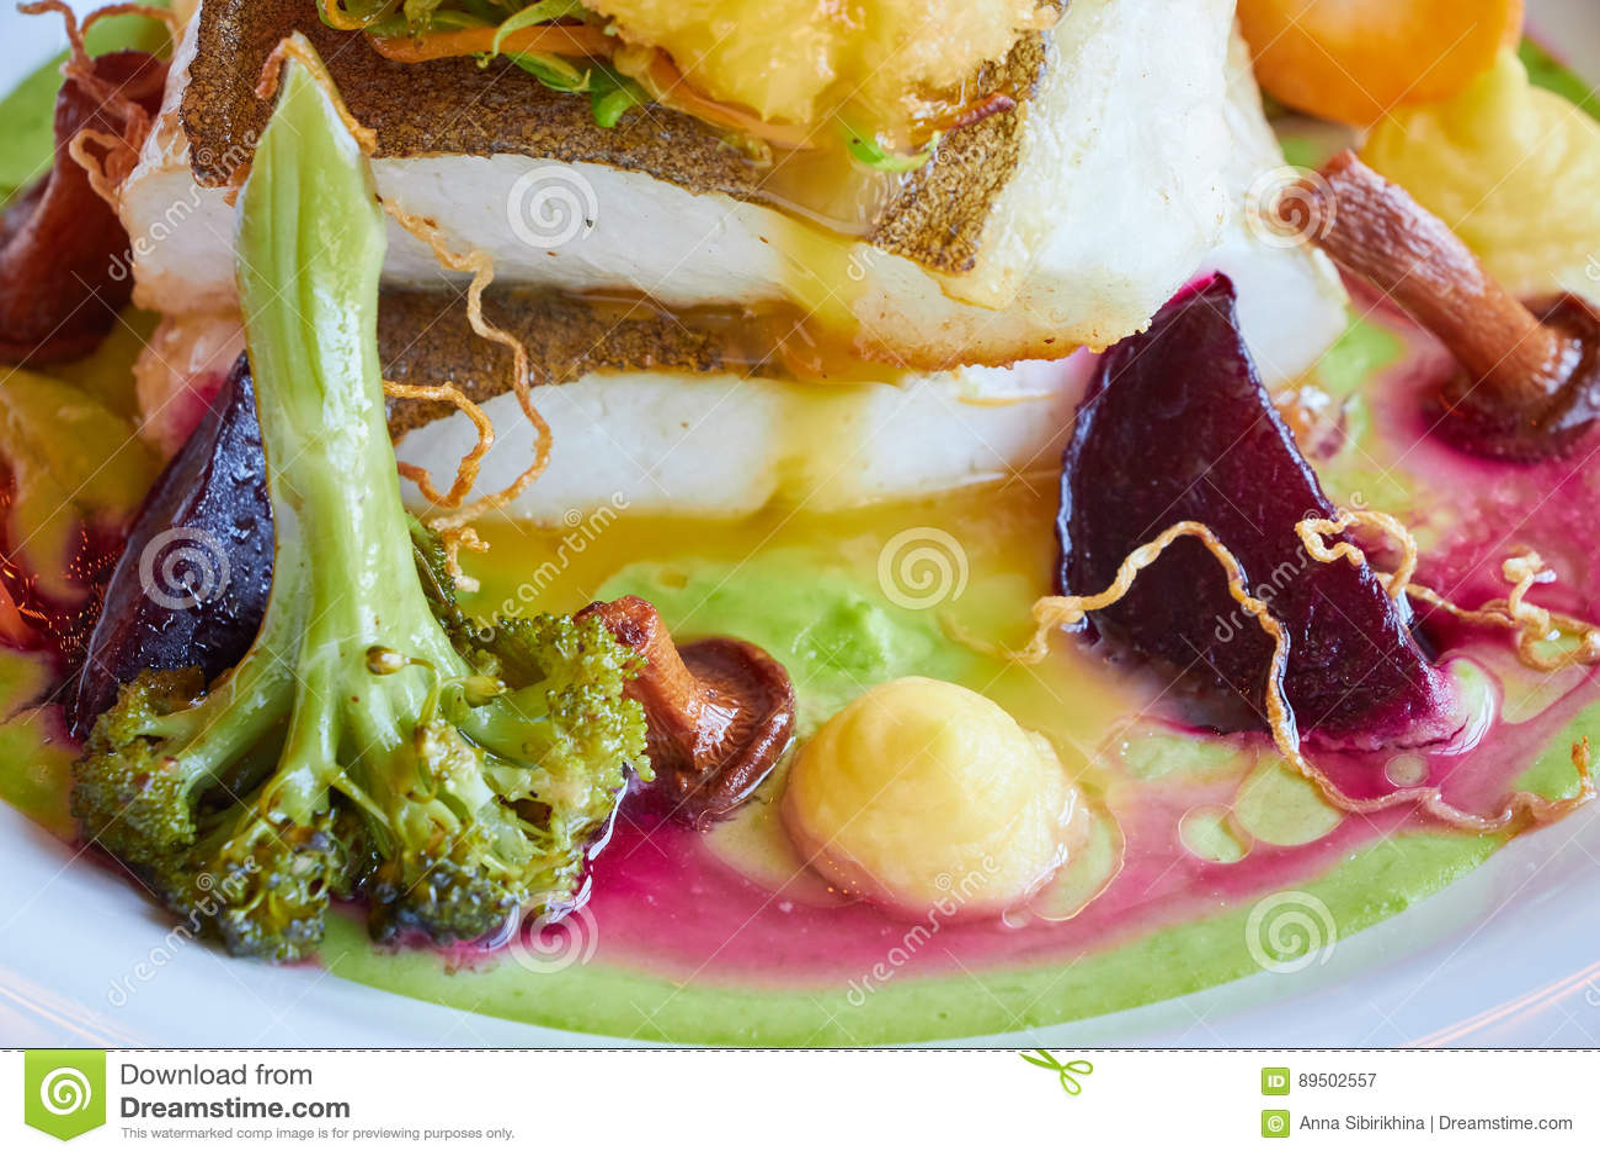 Weiß dämpfte Pikeperchfische in der grünen Pestosoße mit Gemüse für dämpfenden Brokkoli, Karotten, rote Rüben, Pilze, Kartoffelpü